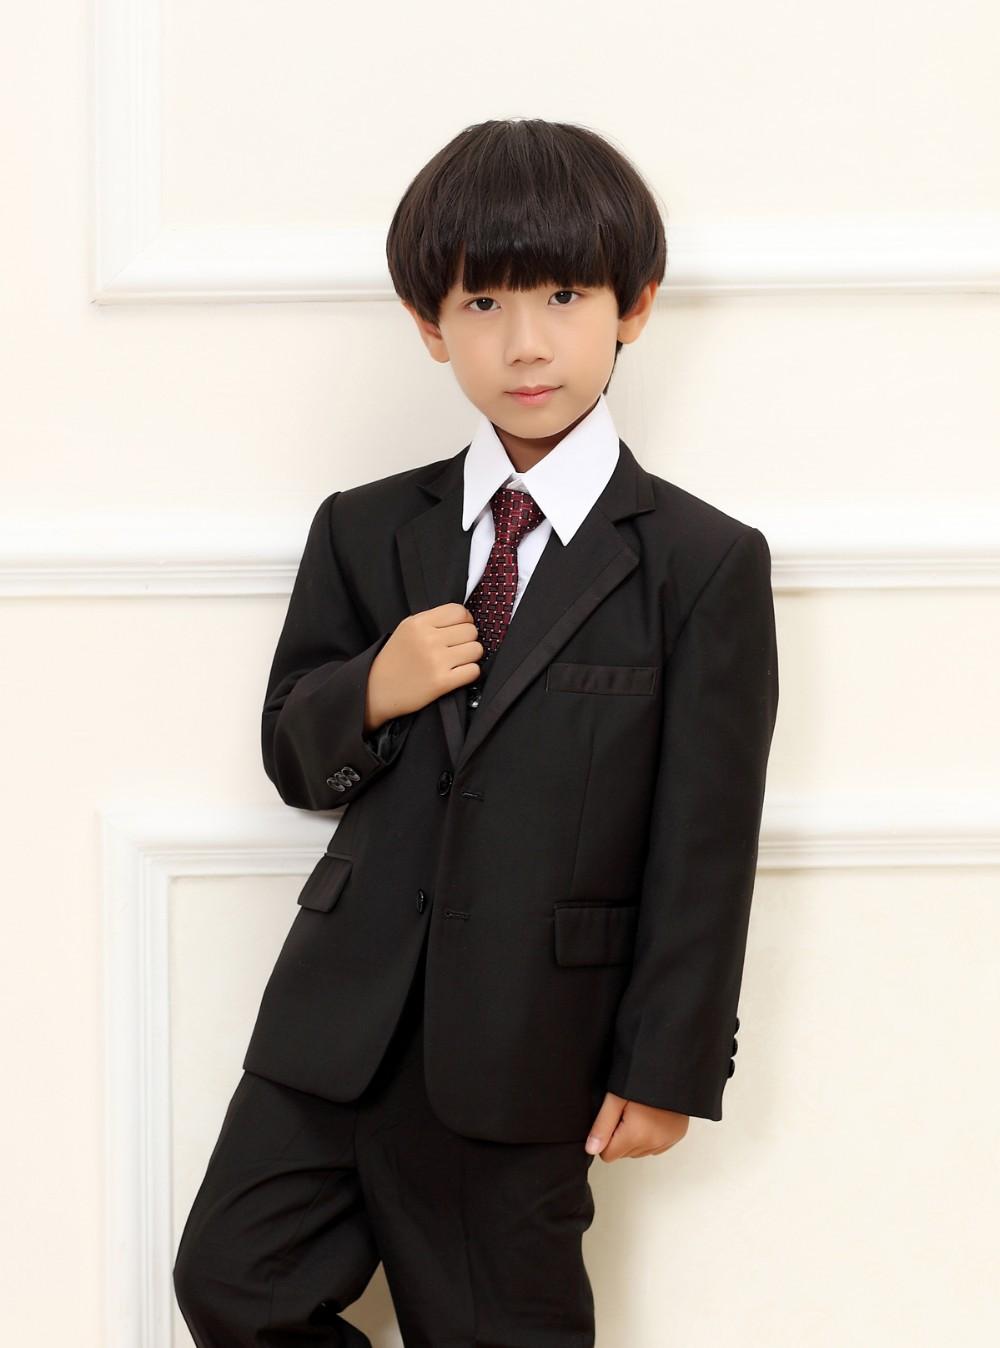 Get Quotations Jacket Pant Vest Bm 0172 Boys Formal Wear Wedding Sets 2017